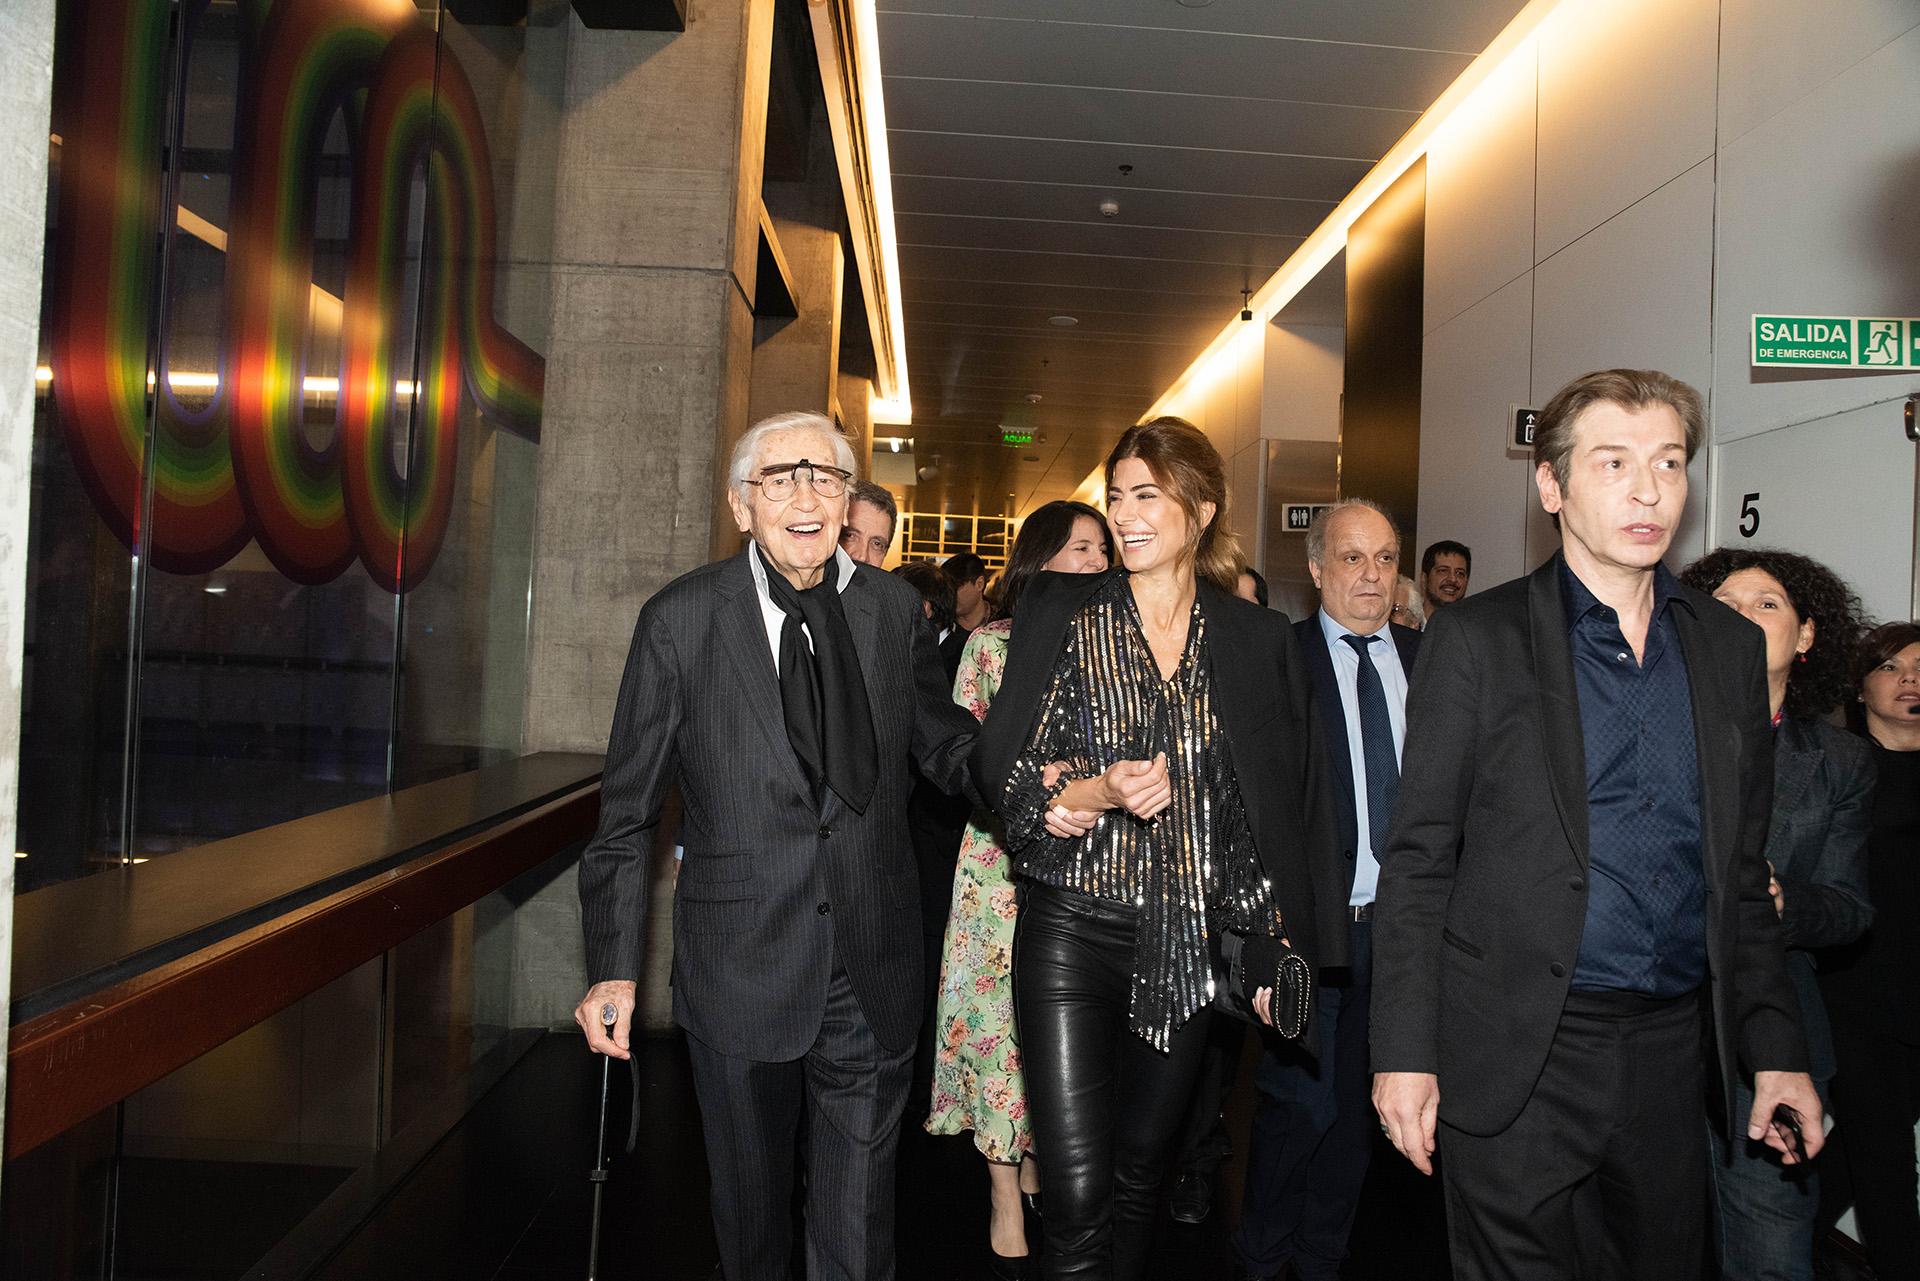 La primera dama recorrió los 3 mil metros de obra junto al gran artista Julio Le Parc